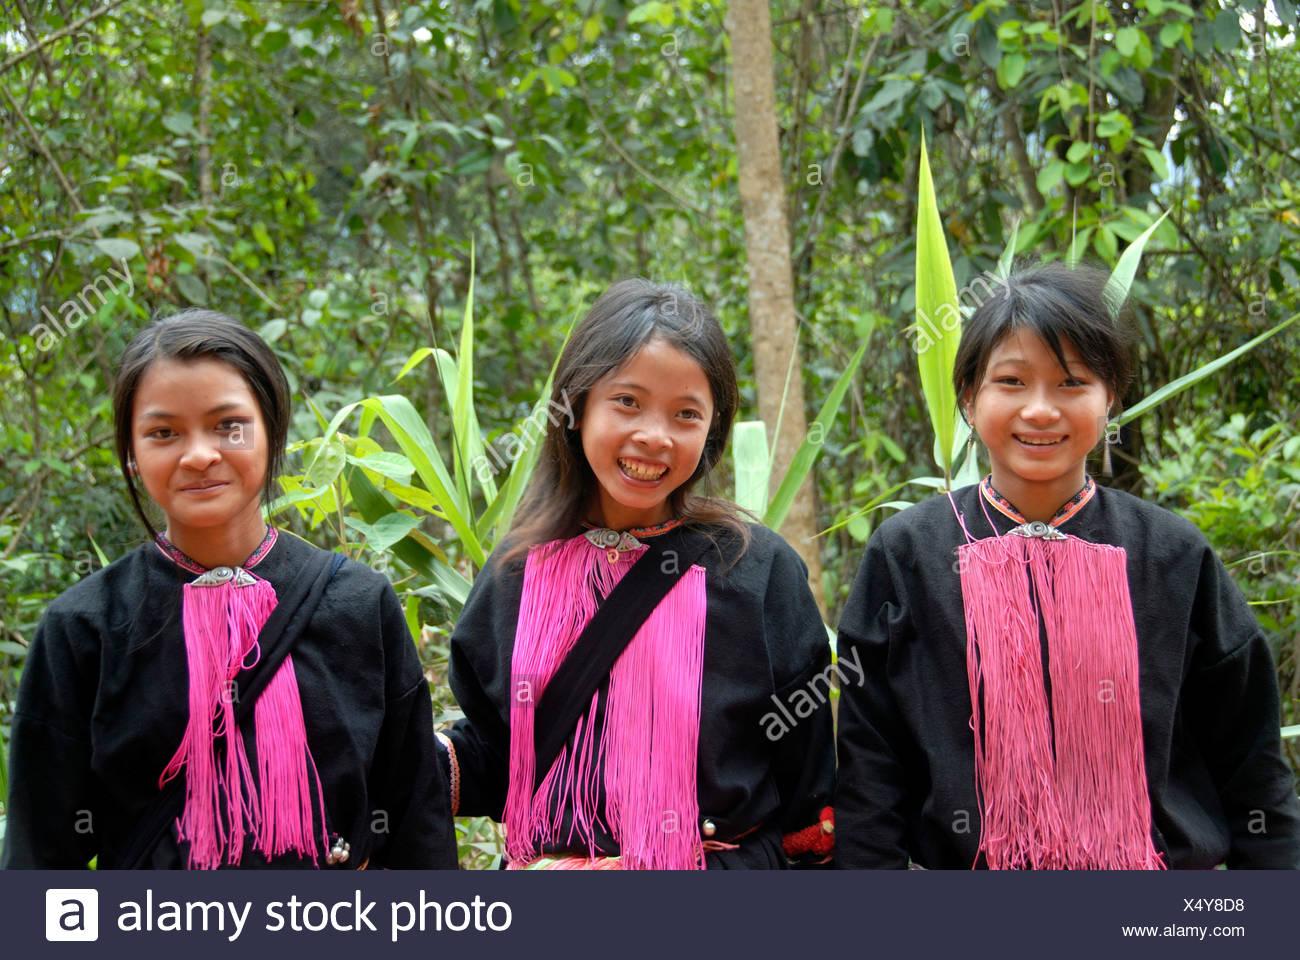 Porträt, Ethnologie, drei lächelnden jungen Frauen der Volksgruppe der Yao, rosa Fäden als Schmuckgeschäfte, Ou Tai, Gnot Ou, Yot Stockbild